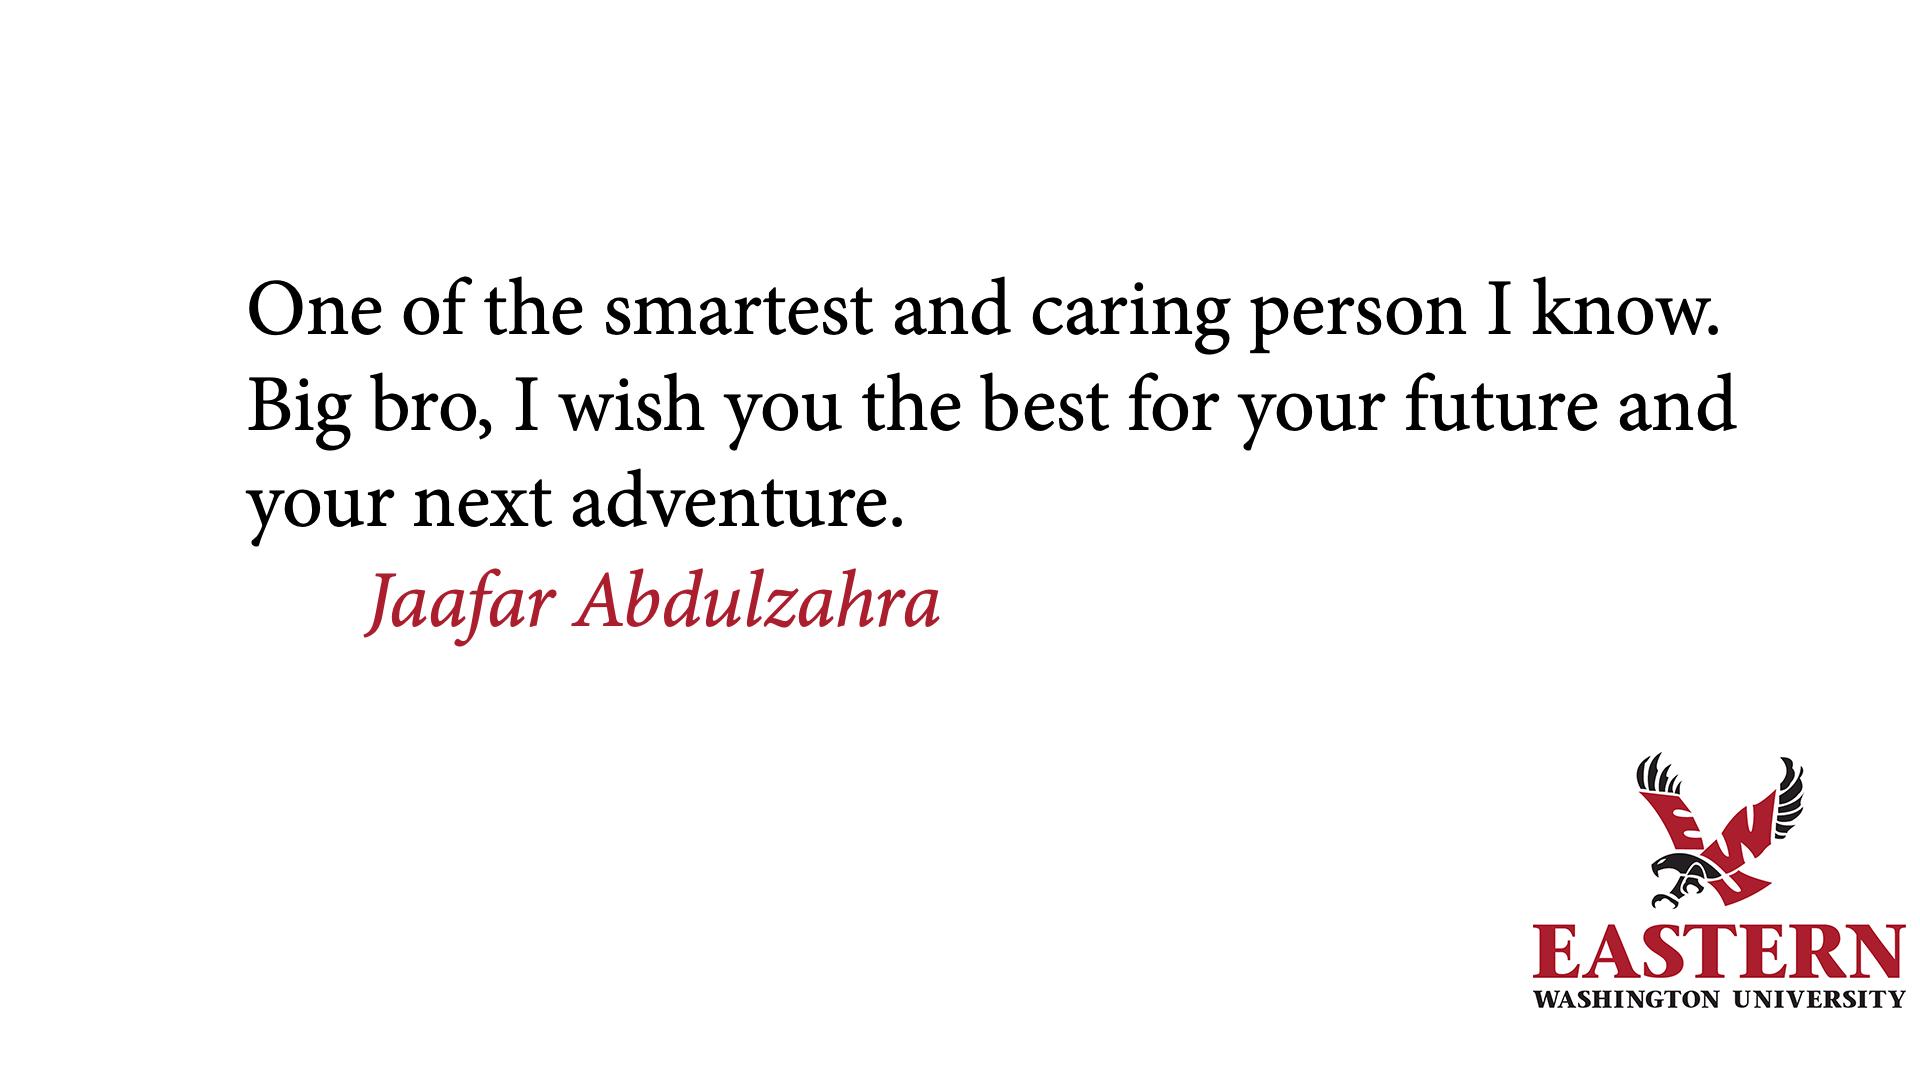 tbi_ahmed-jameel-abdulzahra_8541.png